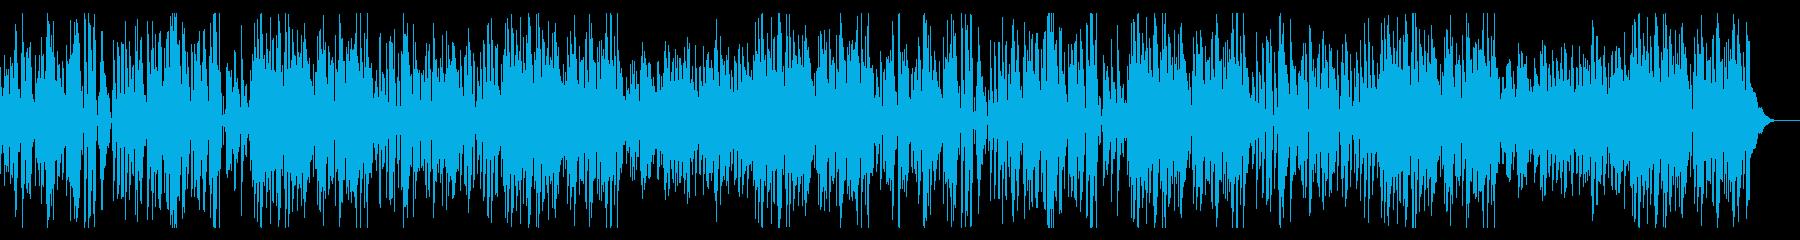 かえるのストリングの再生済みの波形